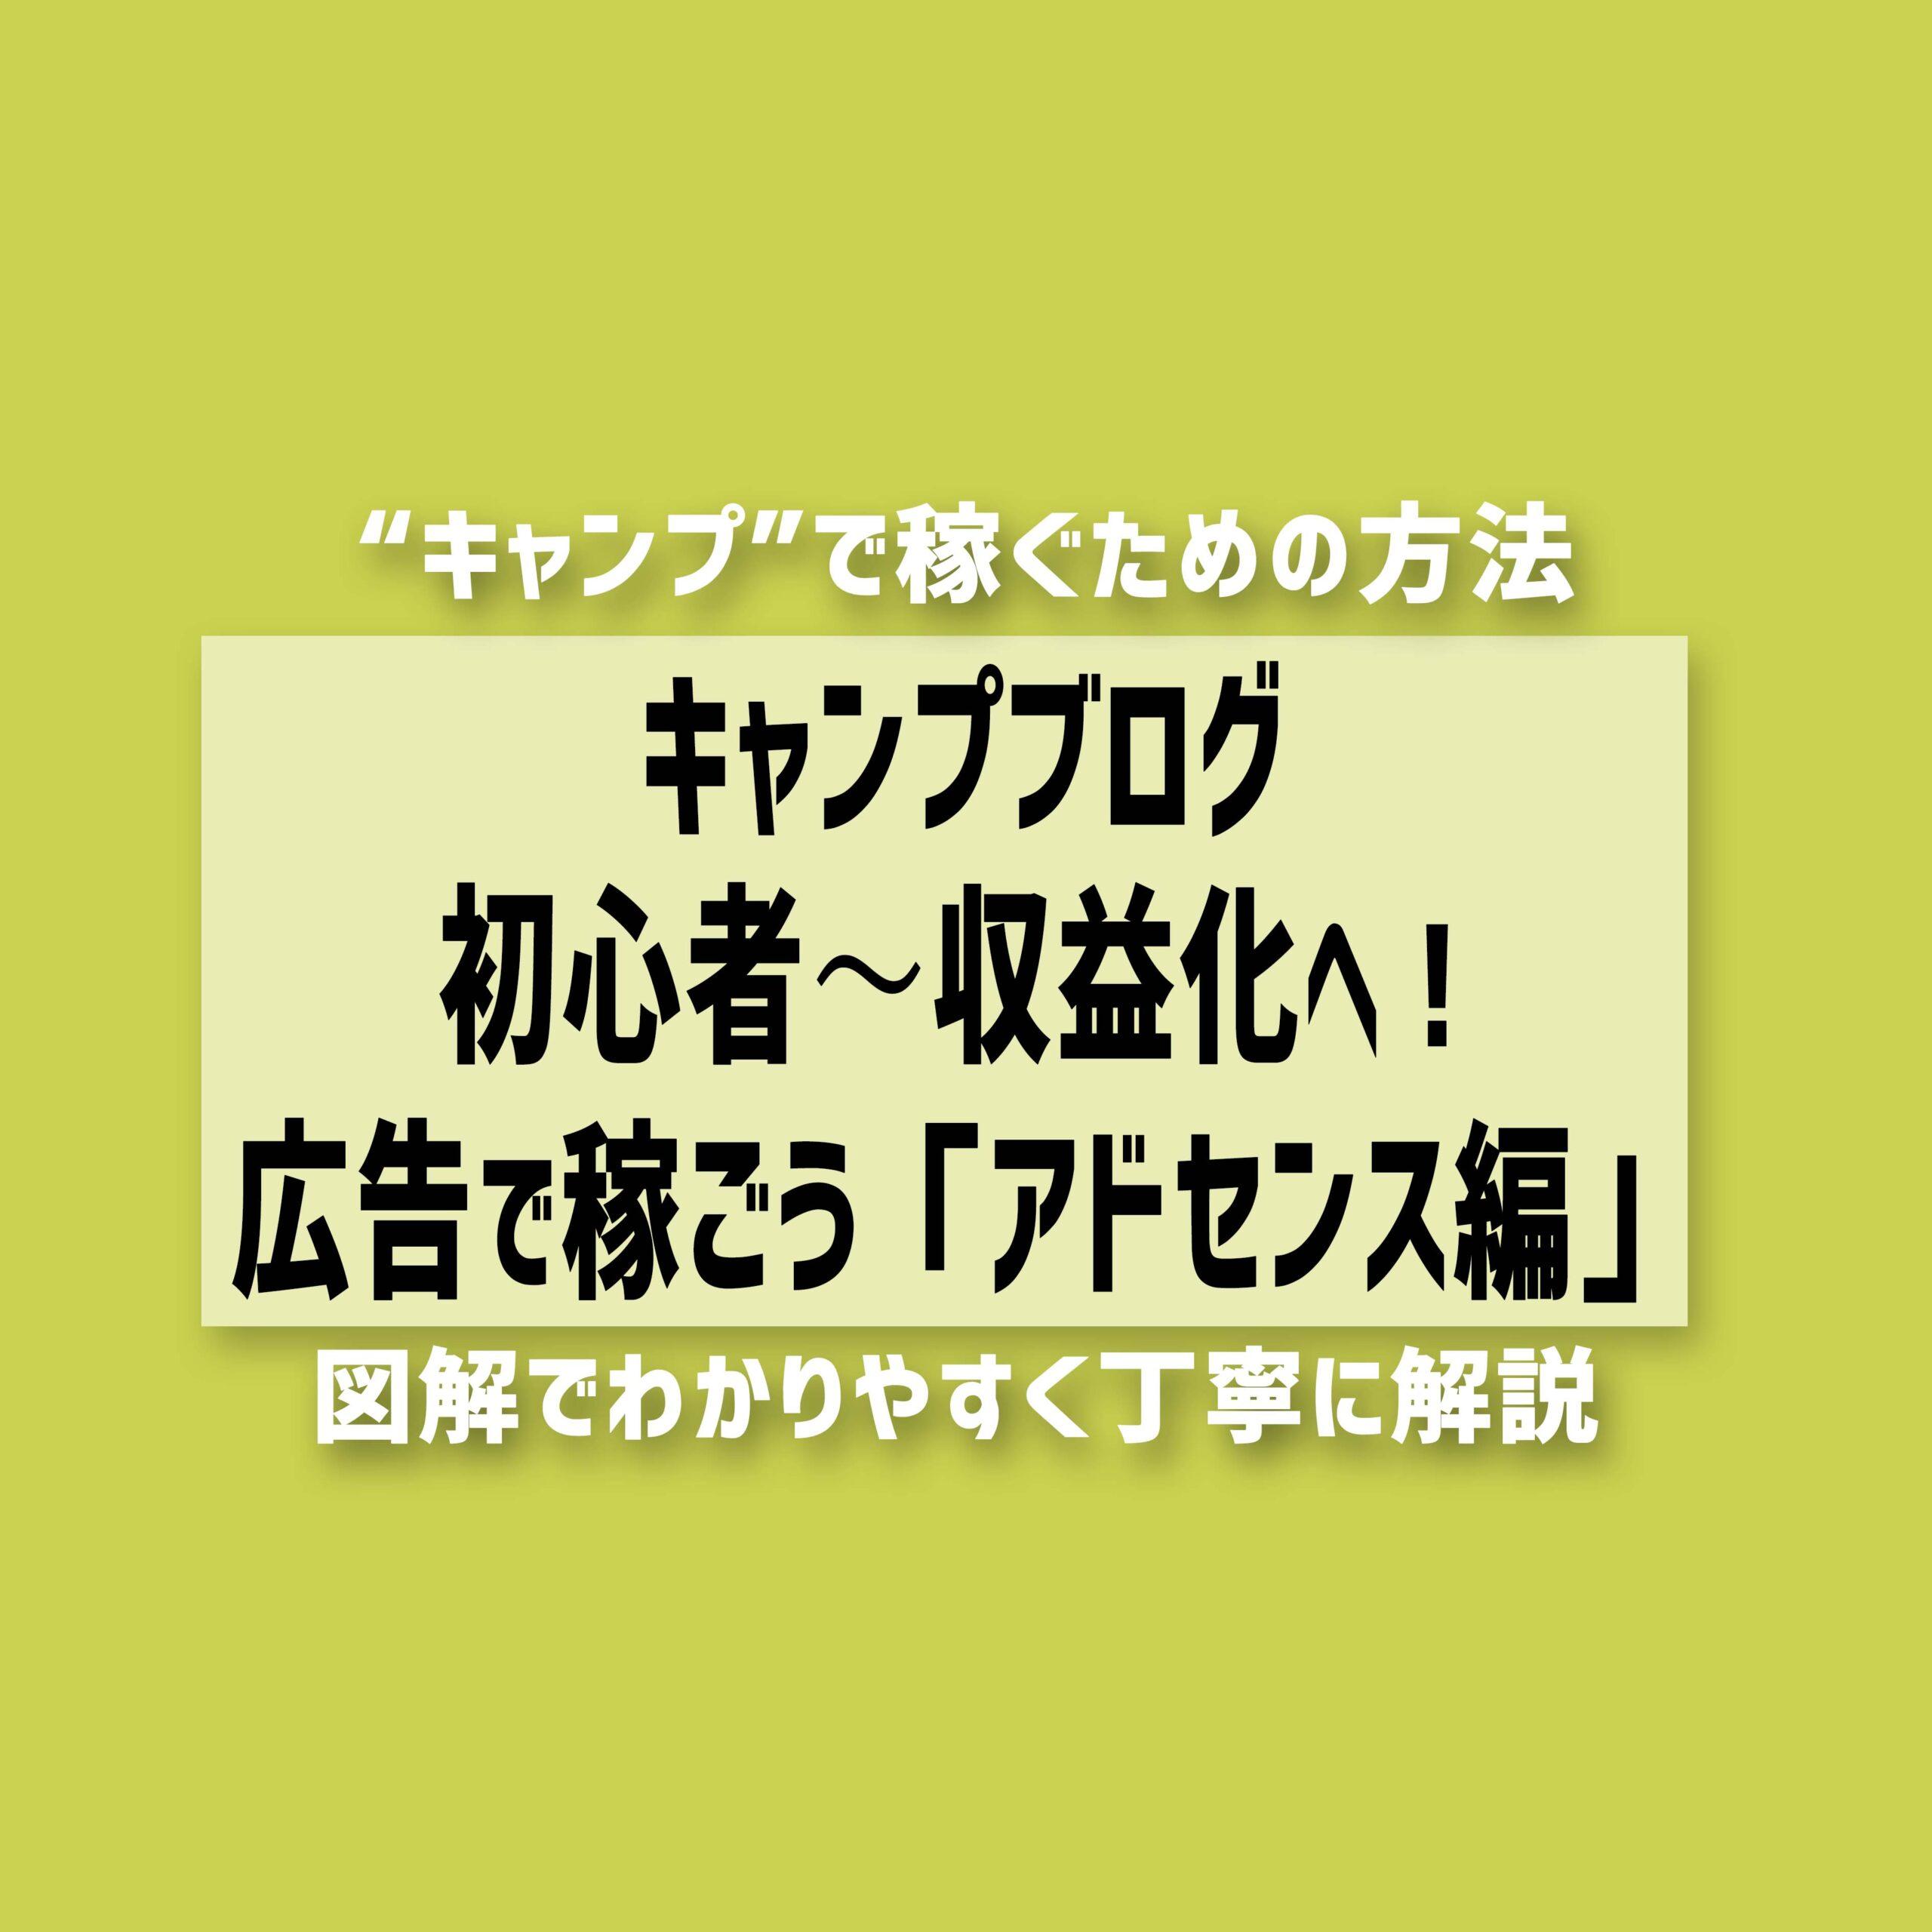 キャンプブログ初心者〜収益化へ!広告で稼ごう「アドセンス編」